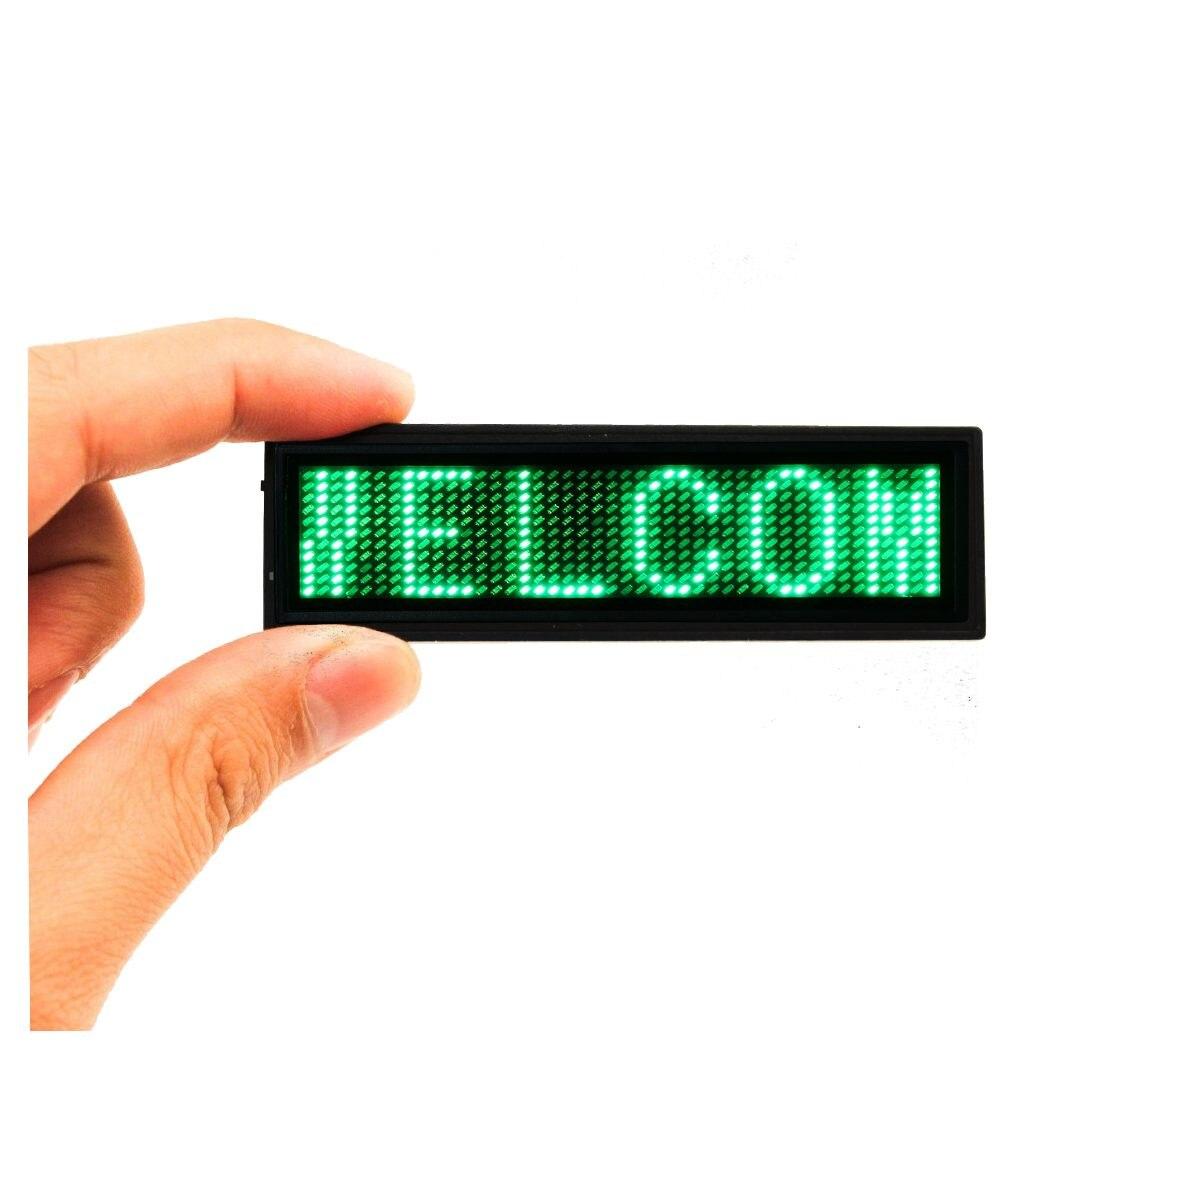 Светодиодный мини Цифровой Программируемый Прокрутка перезаряжаемое имя, сообщение, знак бейджа, перезаряжаемый светодиодный значок с именем, красный, синий, зеленый, белый